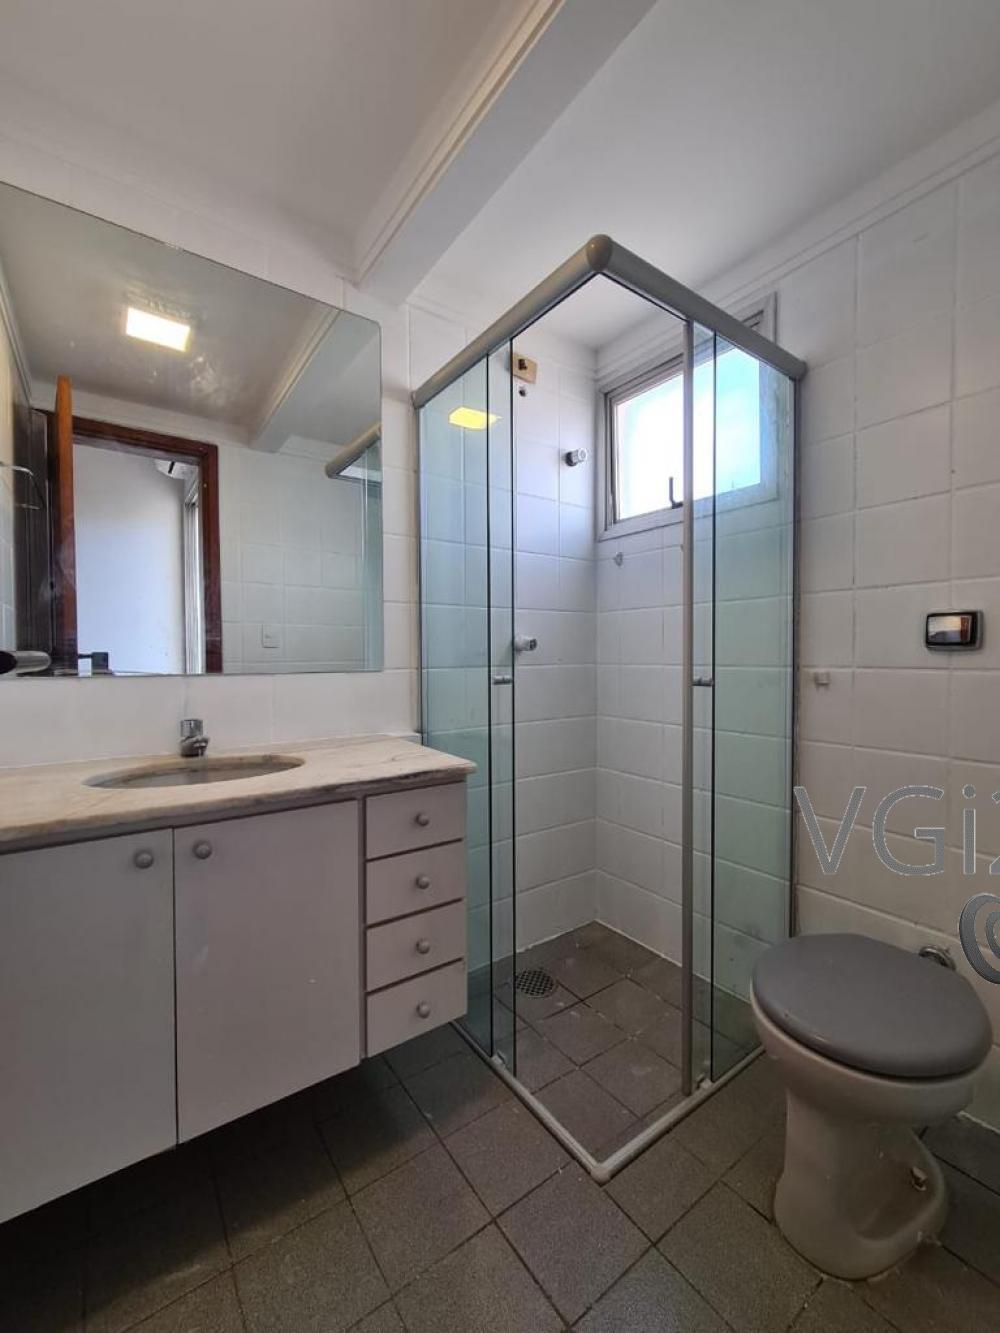 Comprar Apartamento / Padrão em Ribeirão Preto R$ 215.000,00 - Foto 13